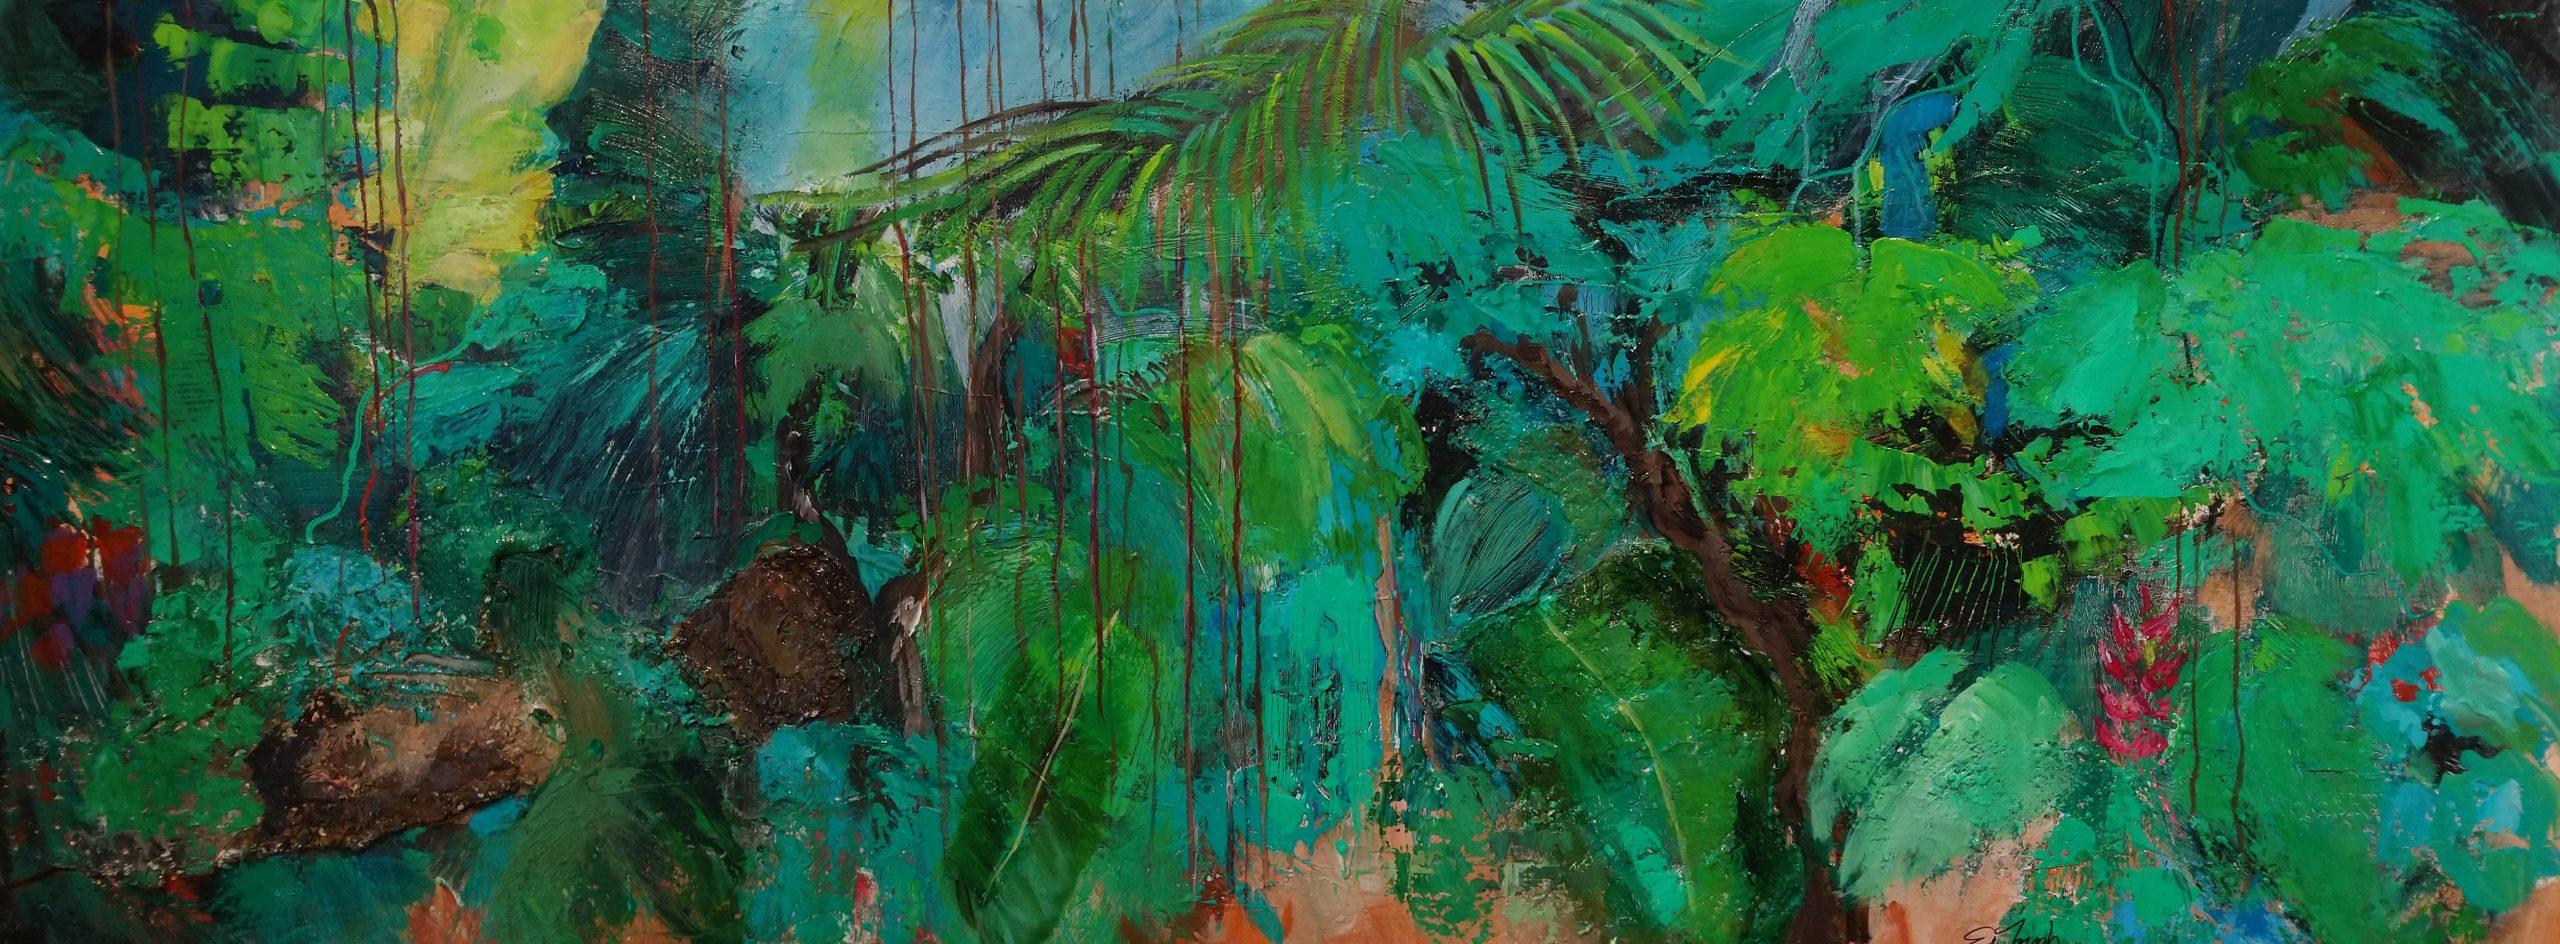 schilderij olieverf op canvas 70x180cm